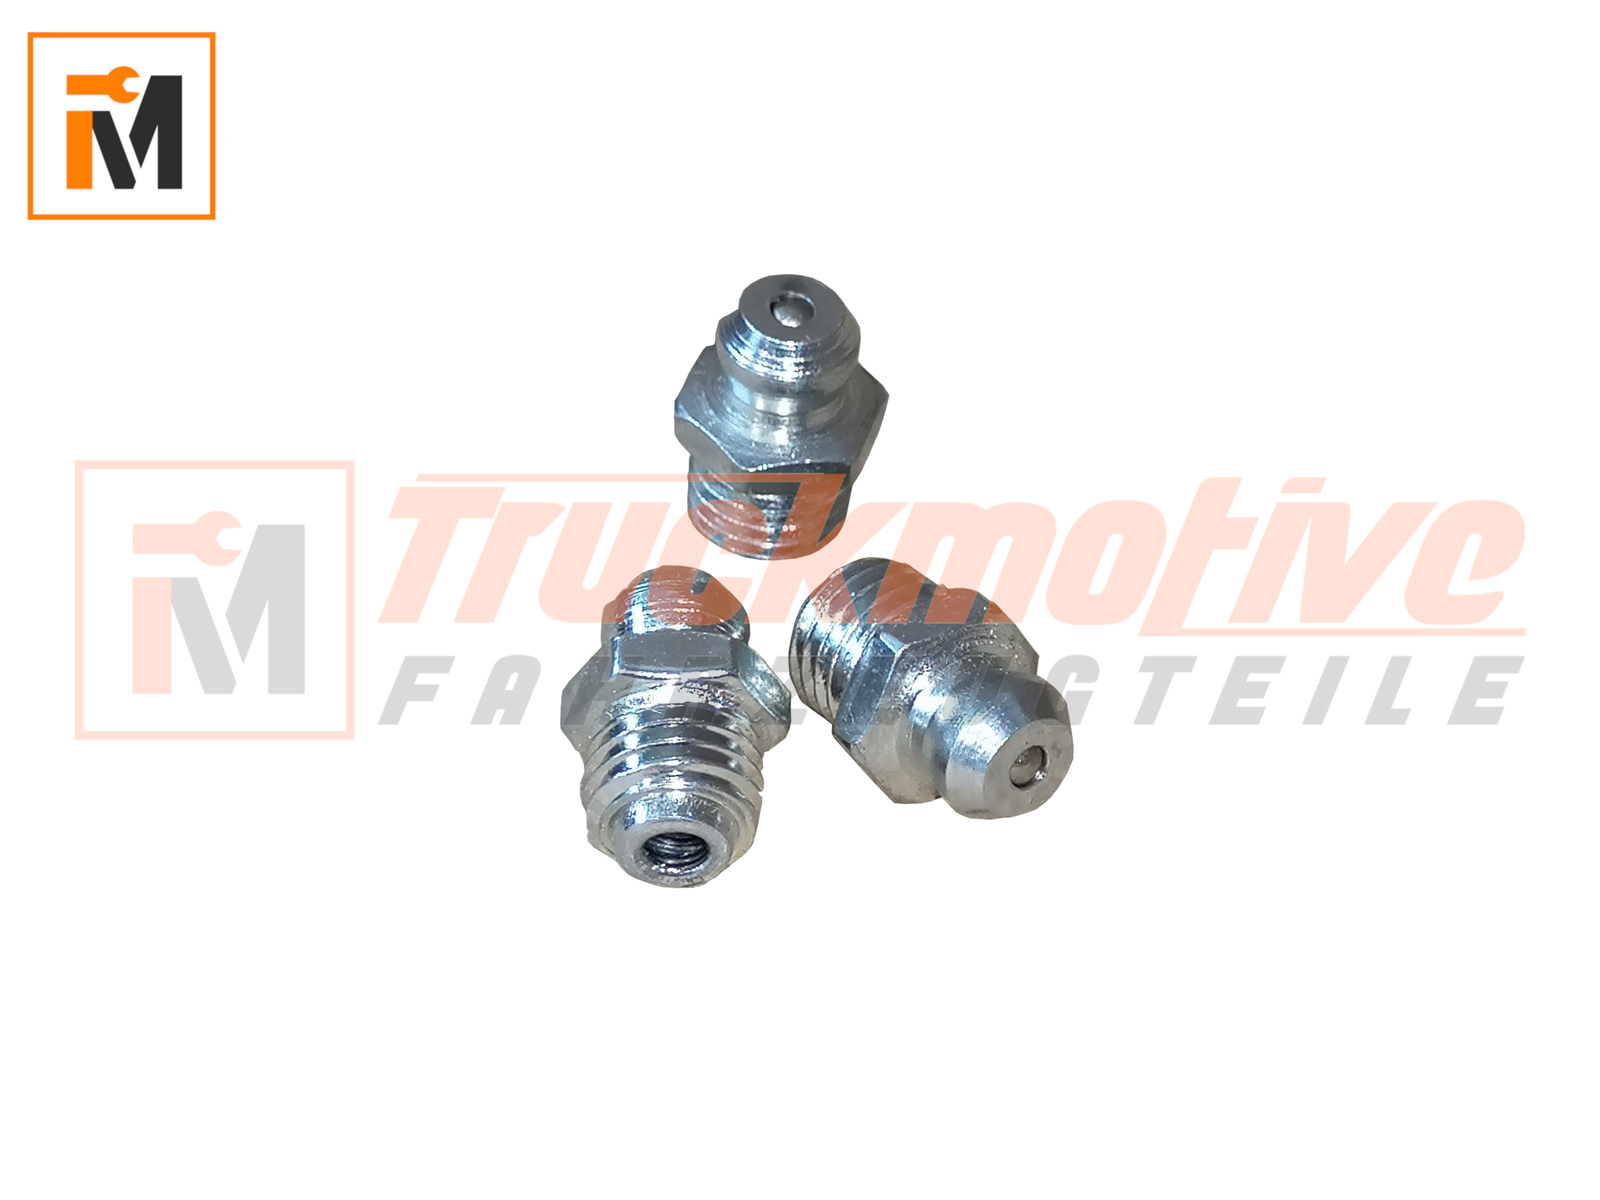 100-tlg Schmiernippel Set Fettnippel Sortiment M8 M10 abgewinkelt 45/° 90/°180/° KFZ Kegel Set